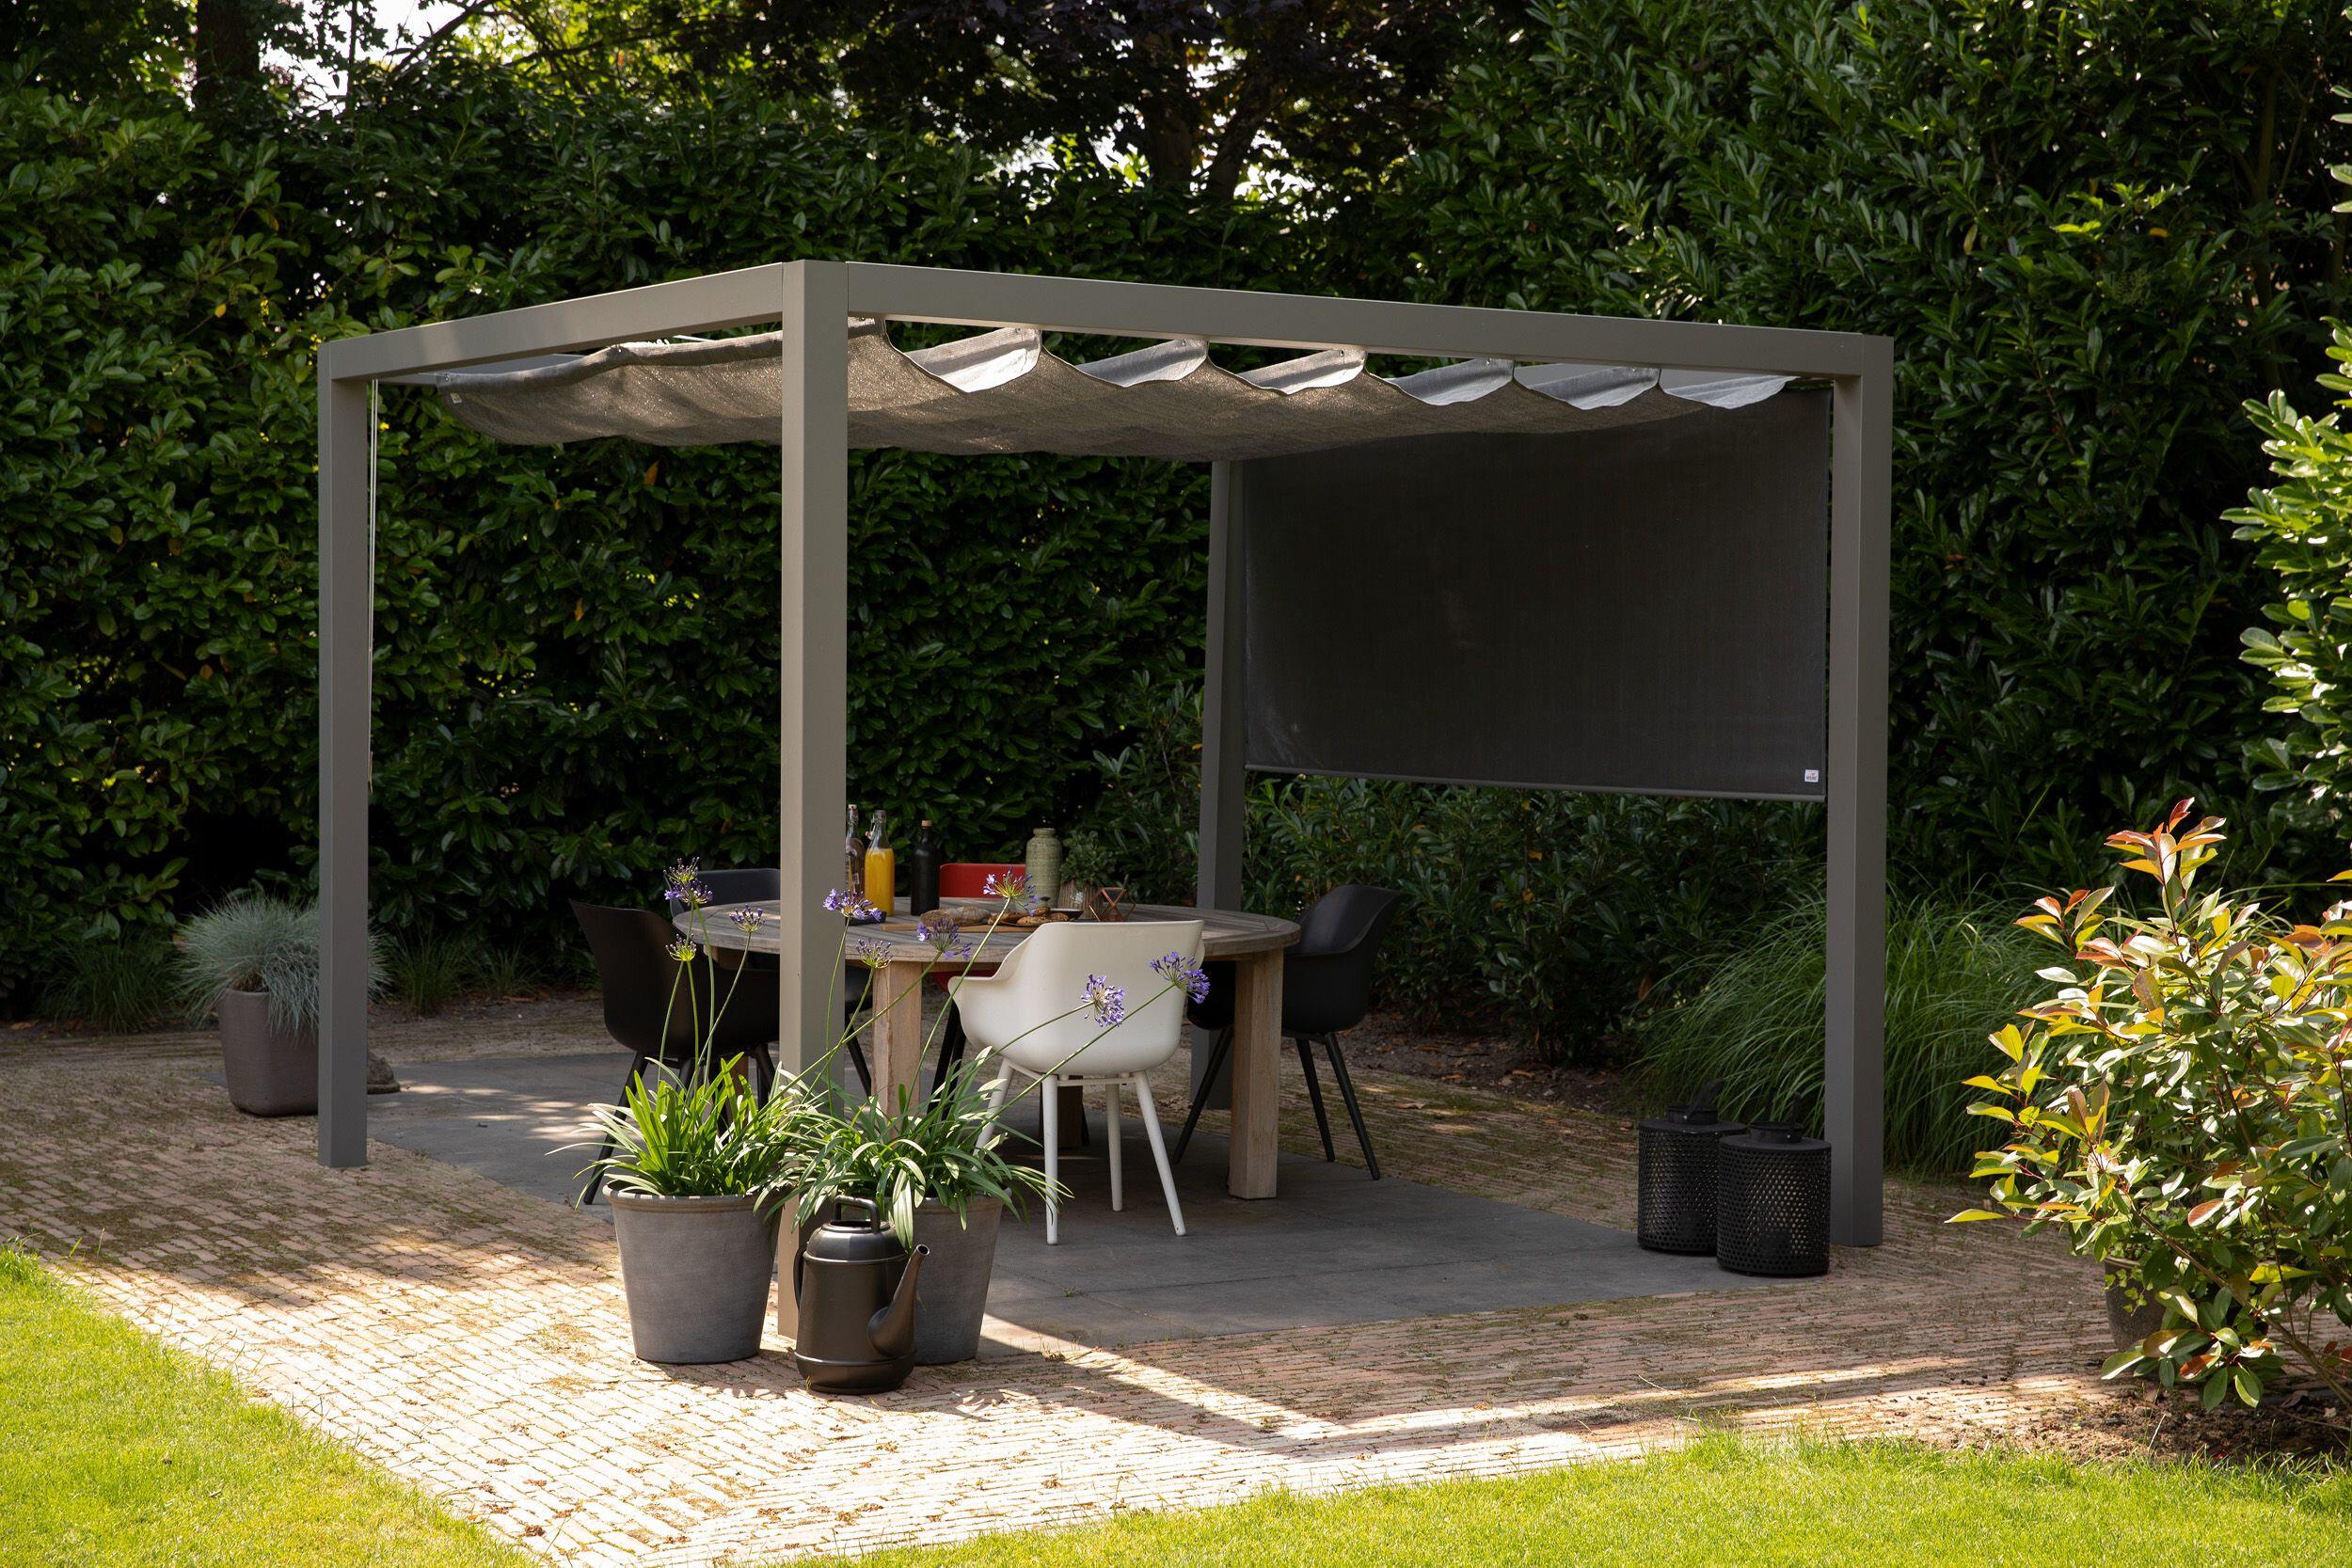 Pergola aluminium grijs 'Stand Alone' 3,19 x 3,19 meter